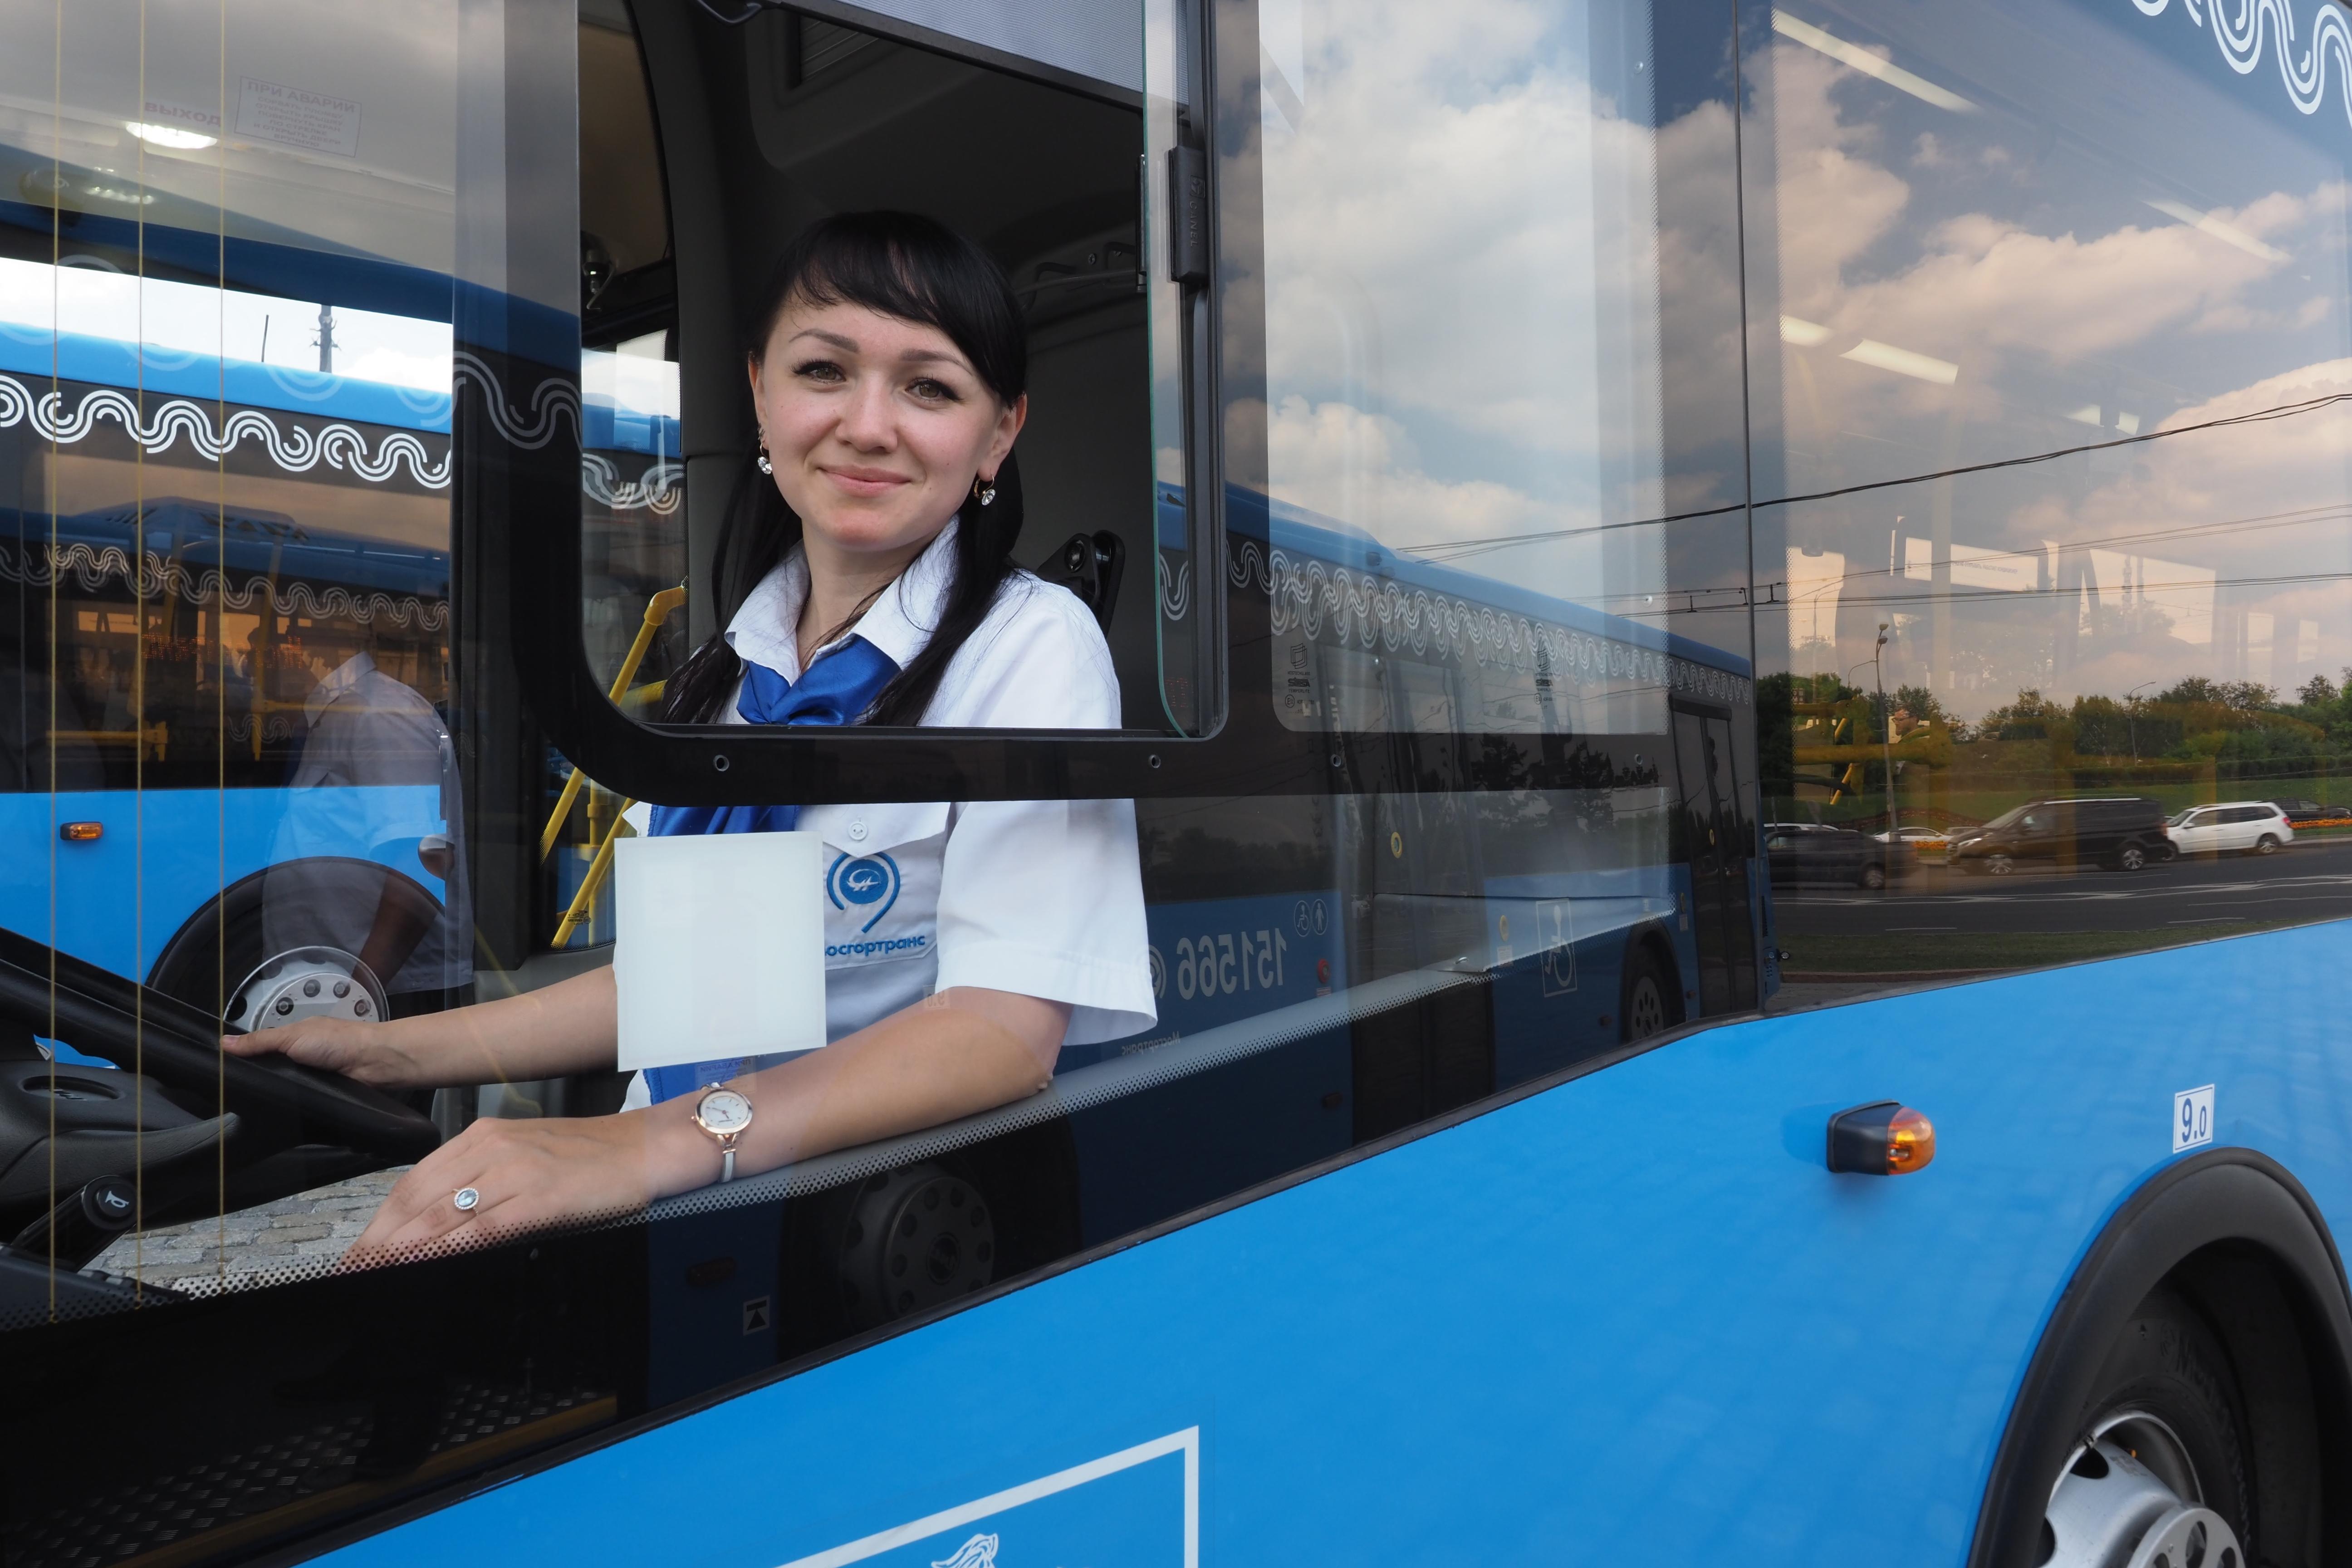 Расписание автобуса №879 изменится с 26 октября